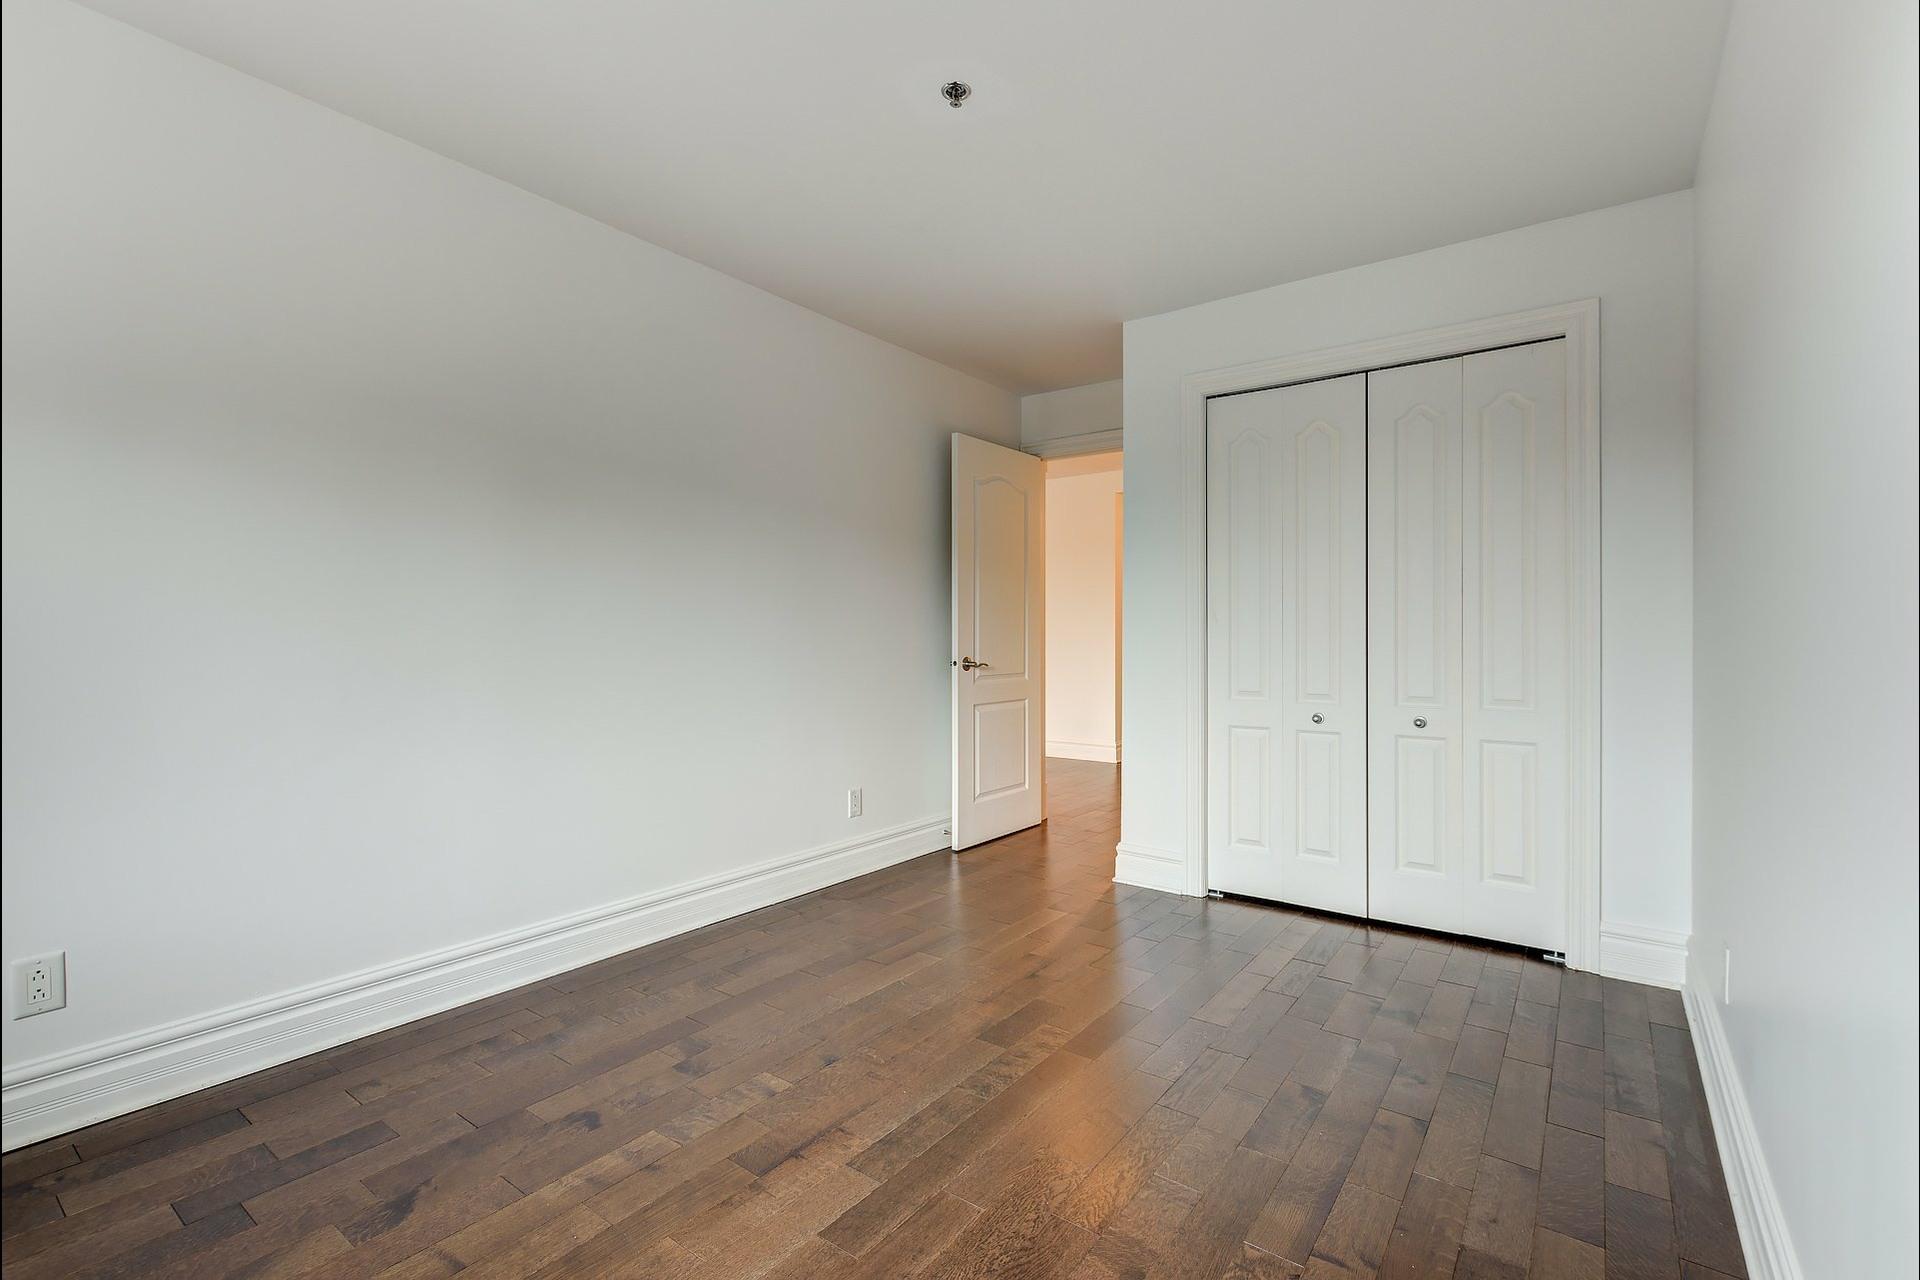 image 16 - Appartement À vendre Montréal Ville-Marie  - 4 pièces